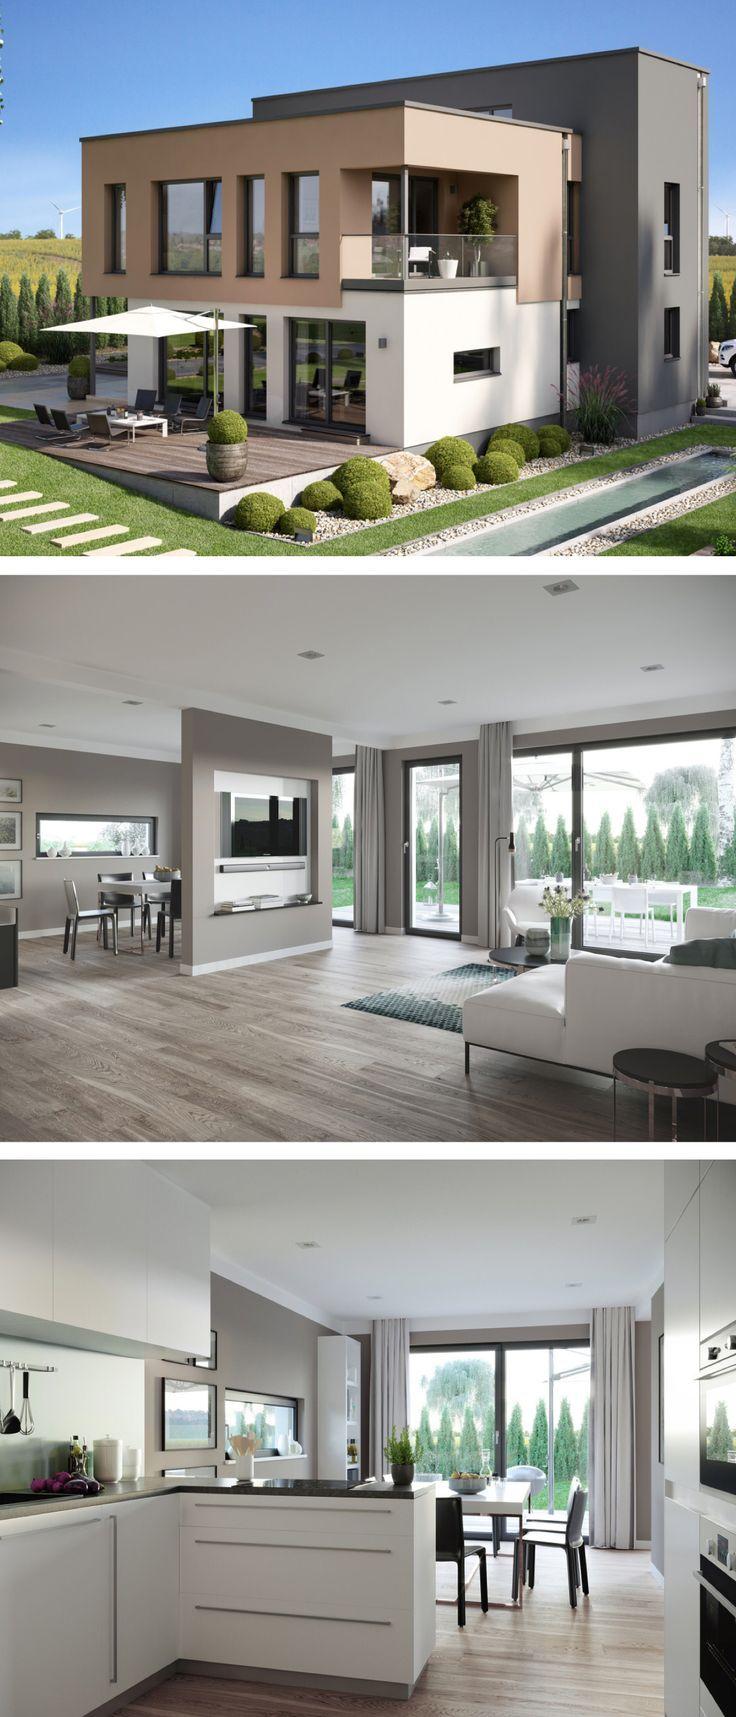 Moderne Stadtvilla im Bauhausstil mit Flachdach Baustil & Garage – Haus baue…